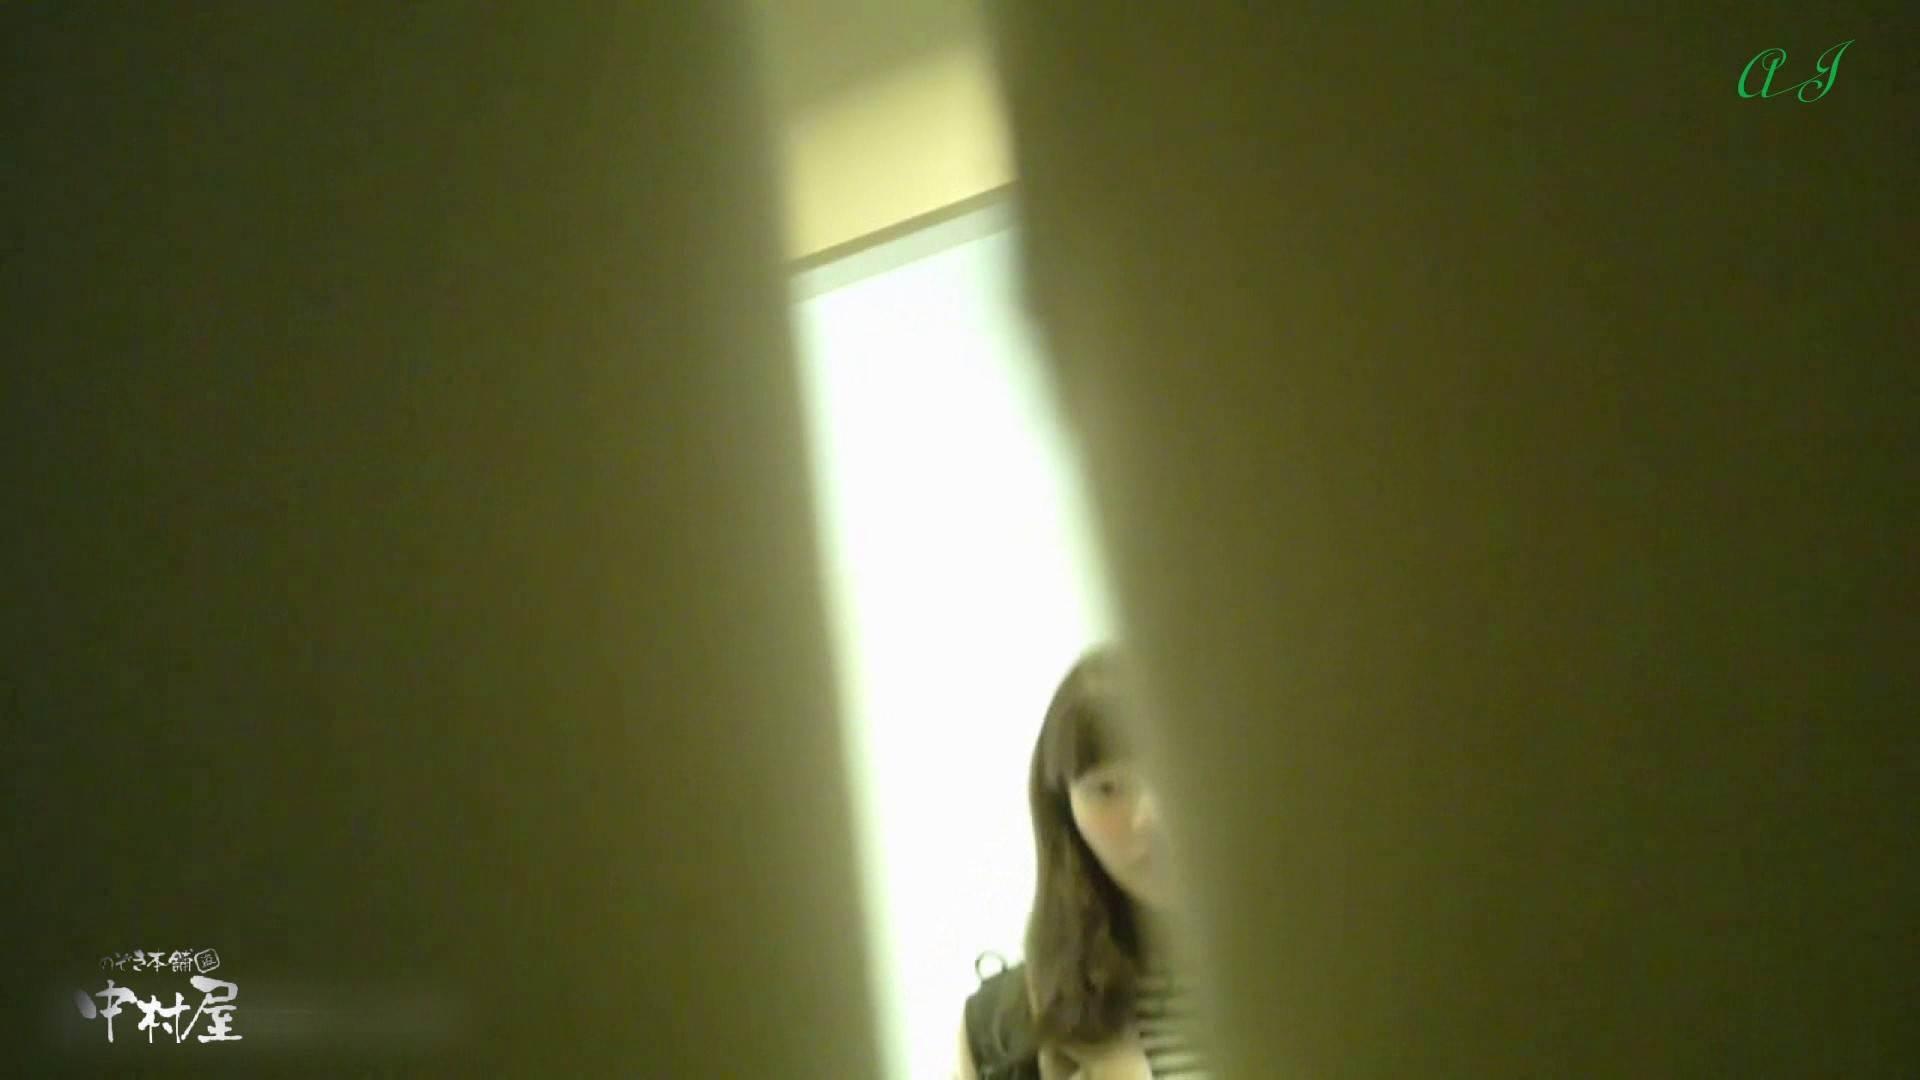 有名大学女性洗面所 vol.82 後編 洗面所 | 盗撮特集  103画像 80